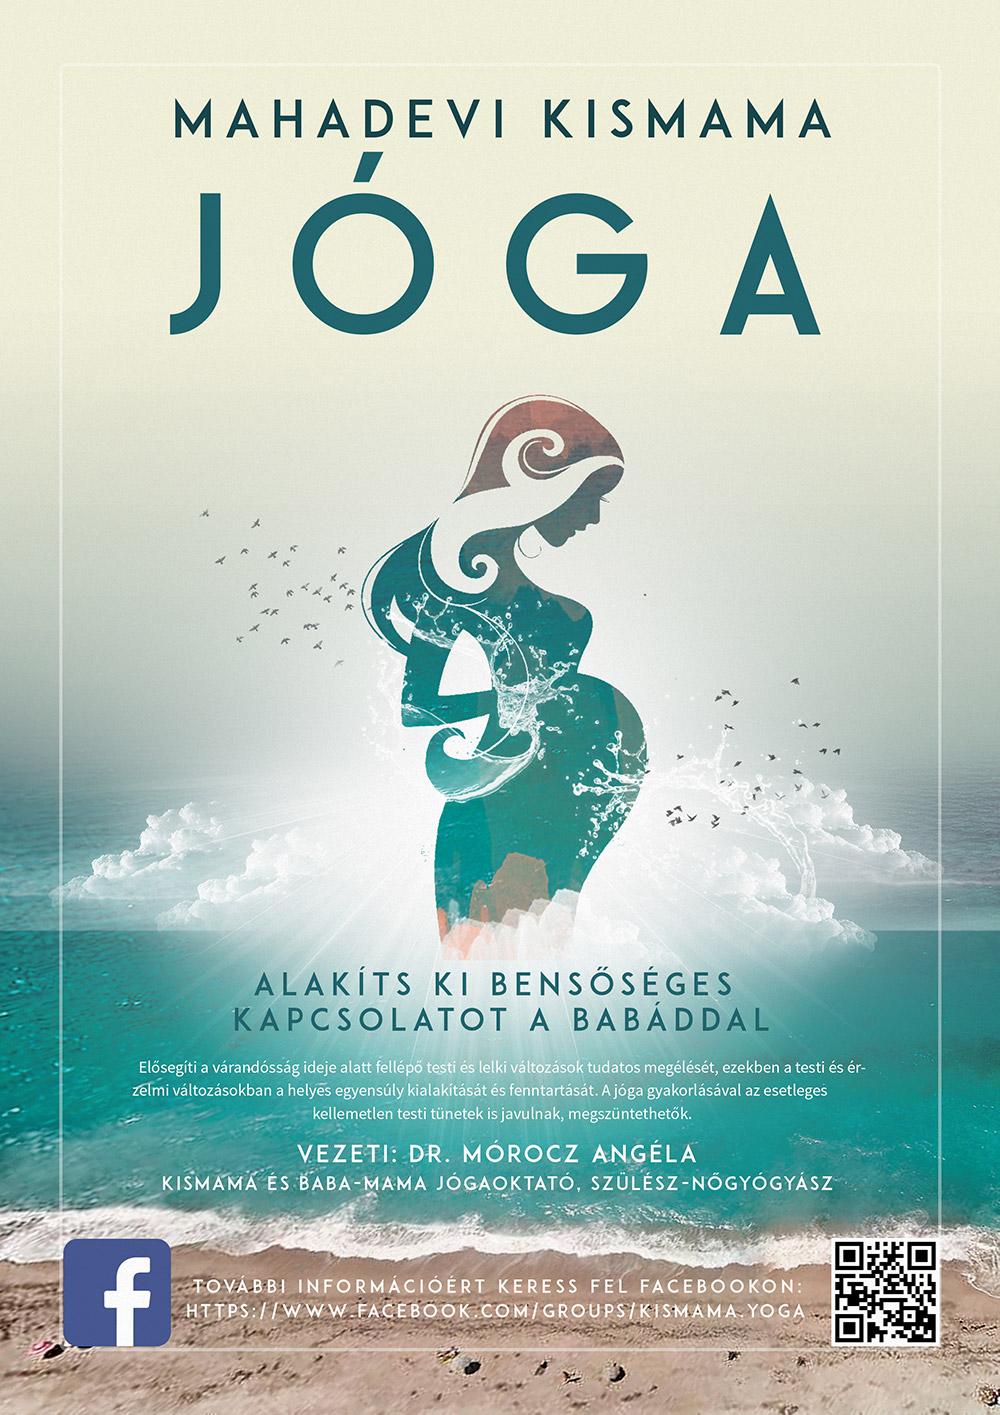 cb498486f6 Kismama jóga és előnyei – Dr. Mórocz Angéla – Szülész-nőgyógyász ...